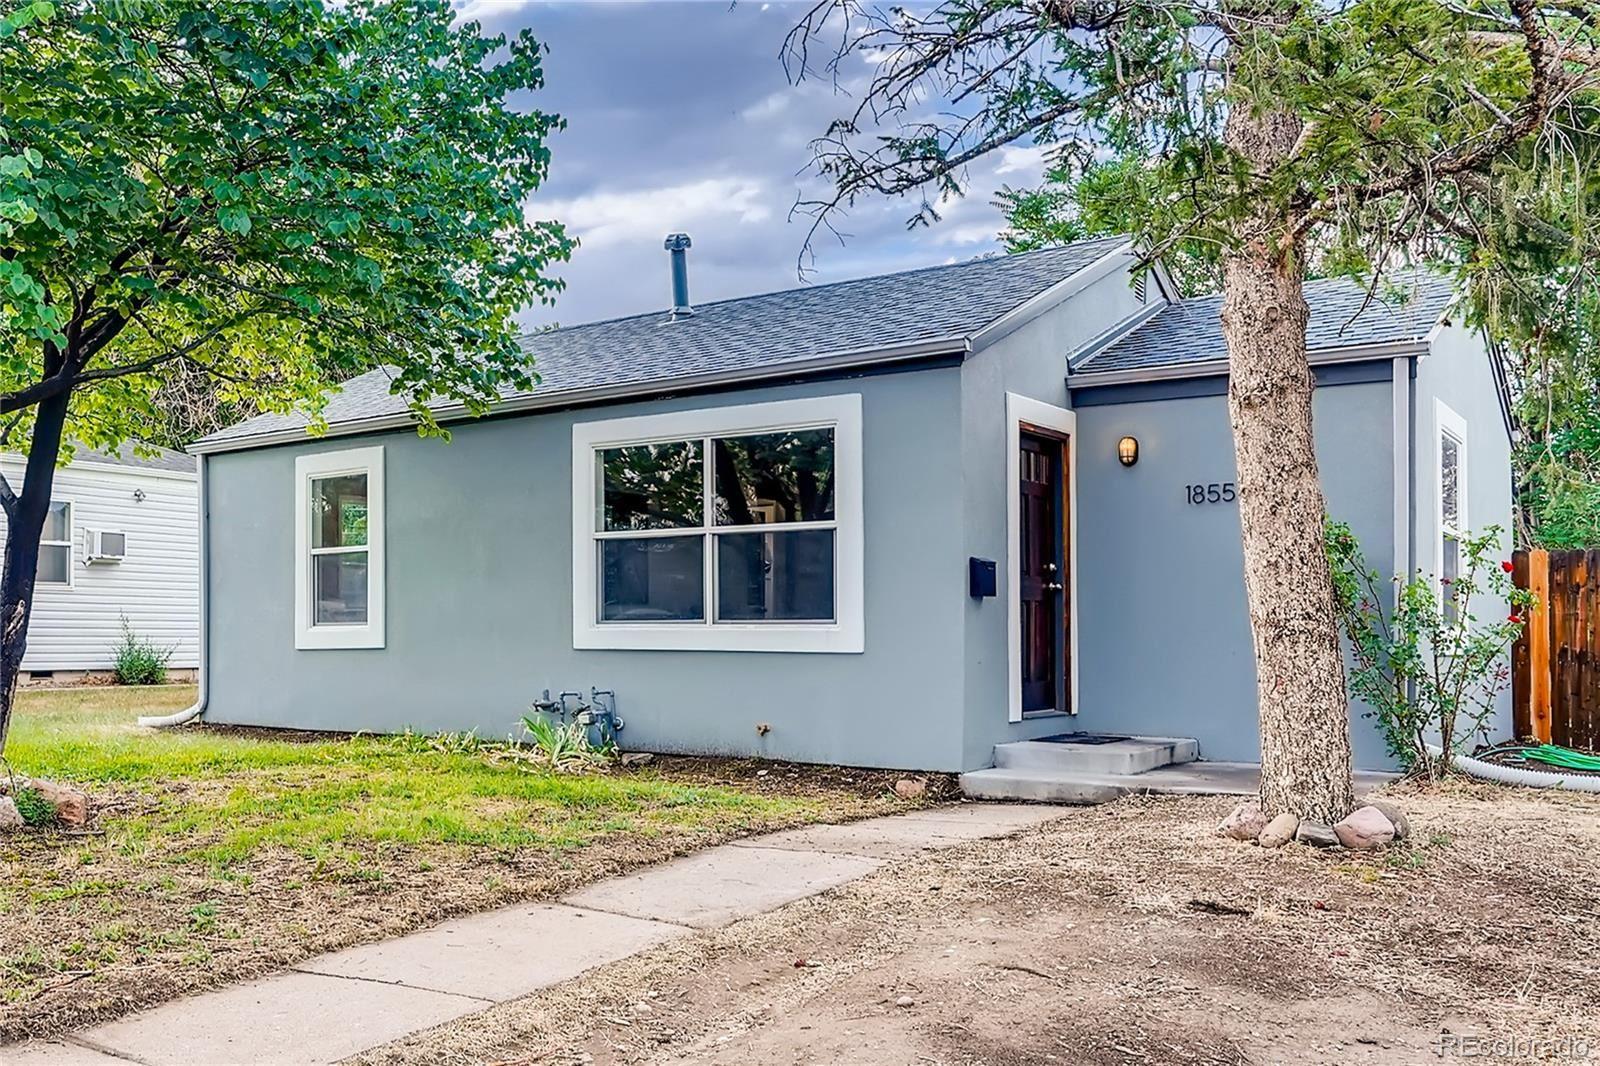 1855 W 51st Avenue, Denver, CO 80221 - #: 5633828